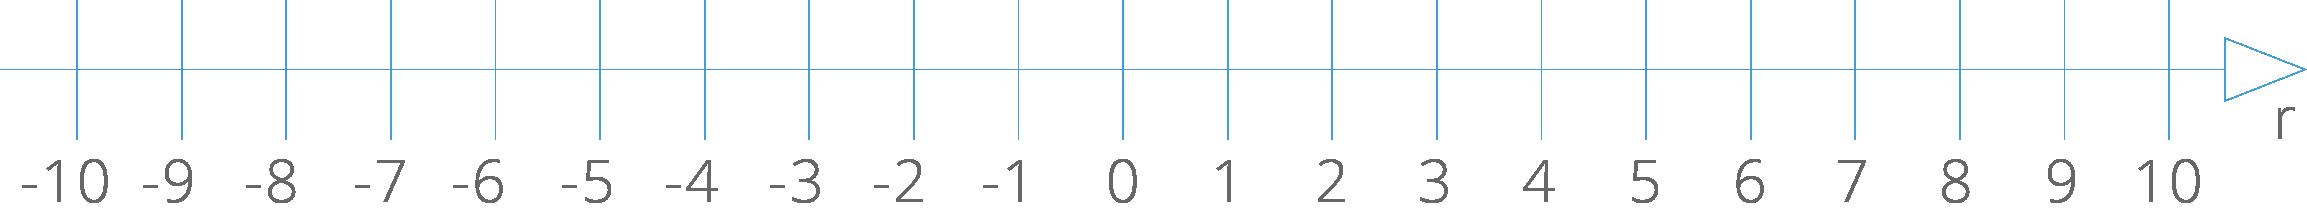 reta-numerada-01